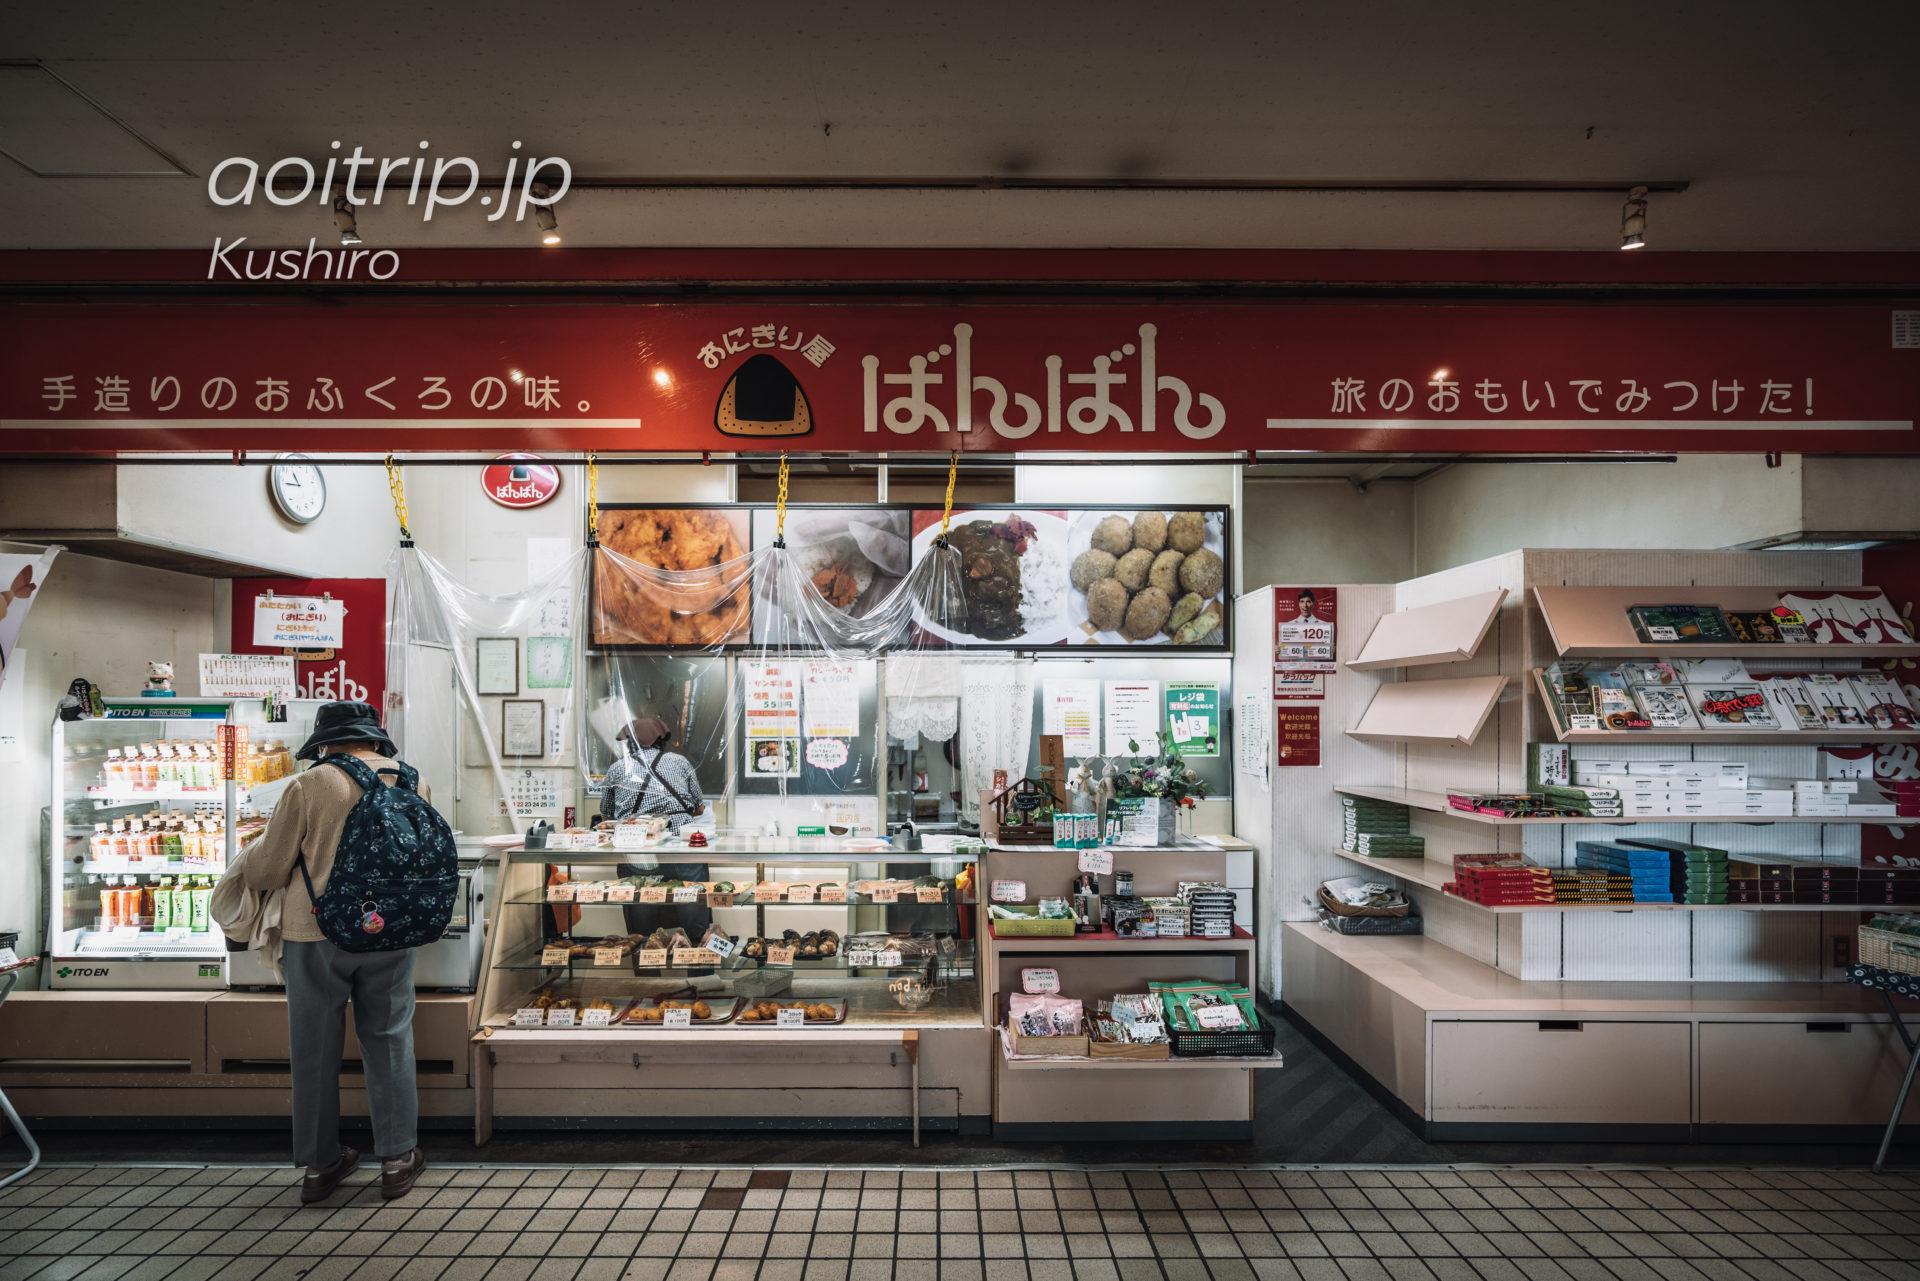 JR釧路駅のおにぎり屋さん「ばんばん」